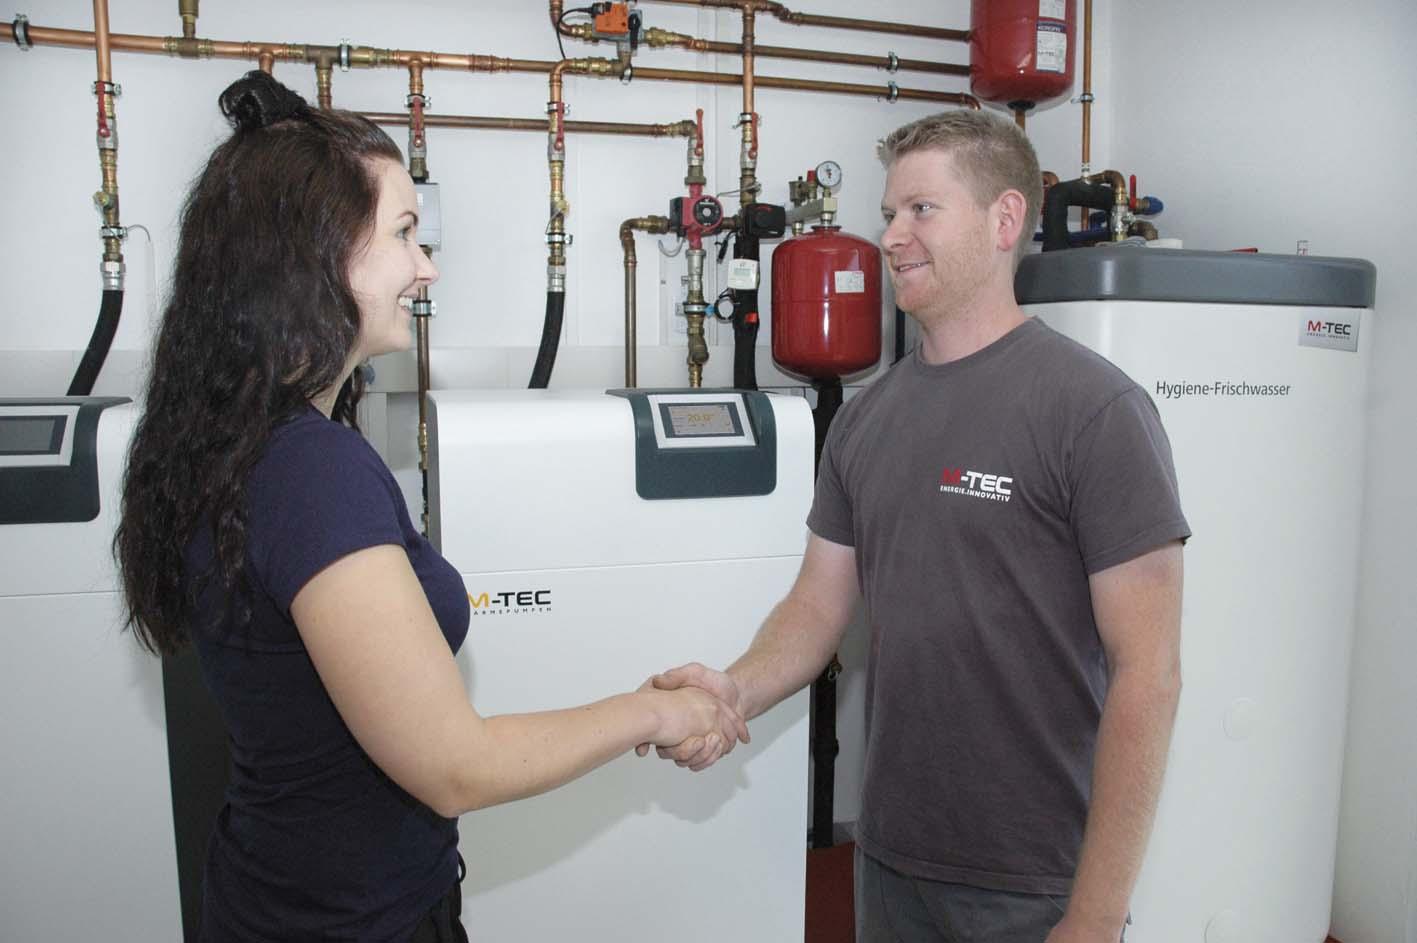 wartung kundendienst m-tec mitarbeiter wärmepumpe service fernwartung fachkraft